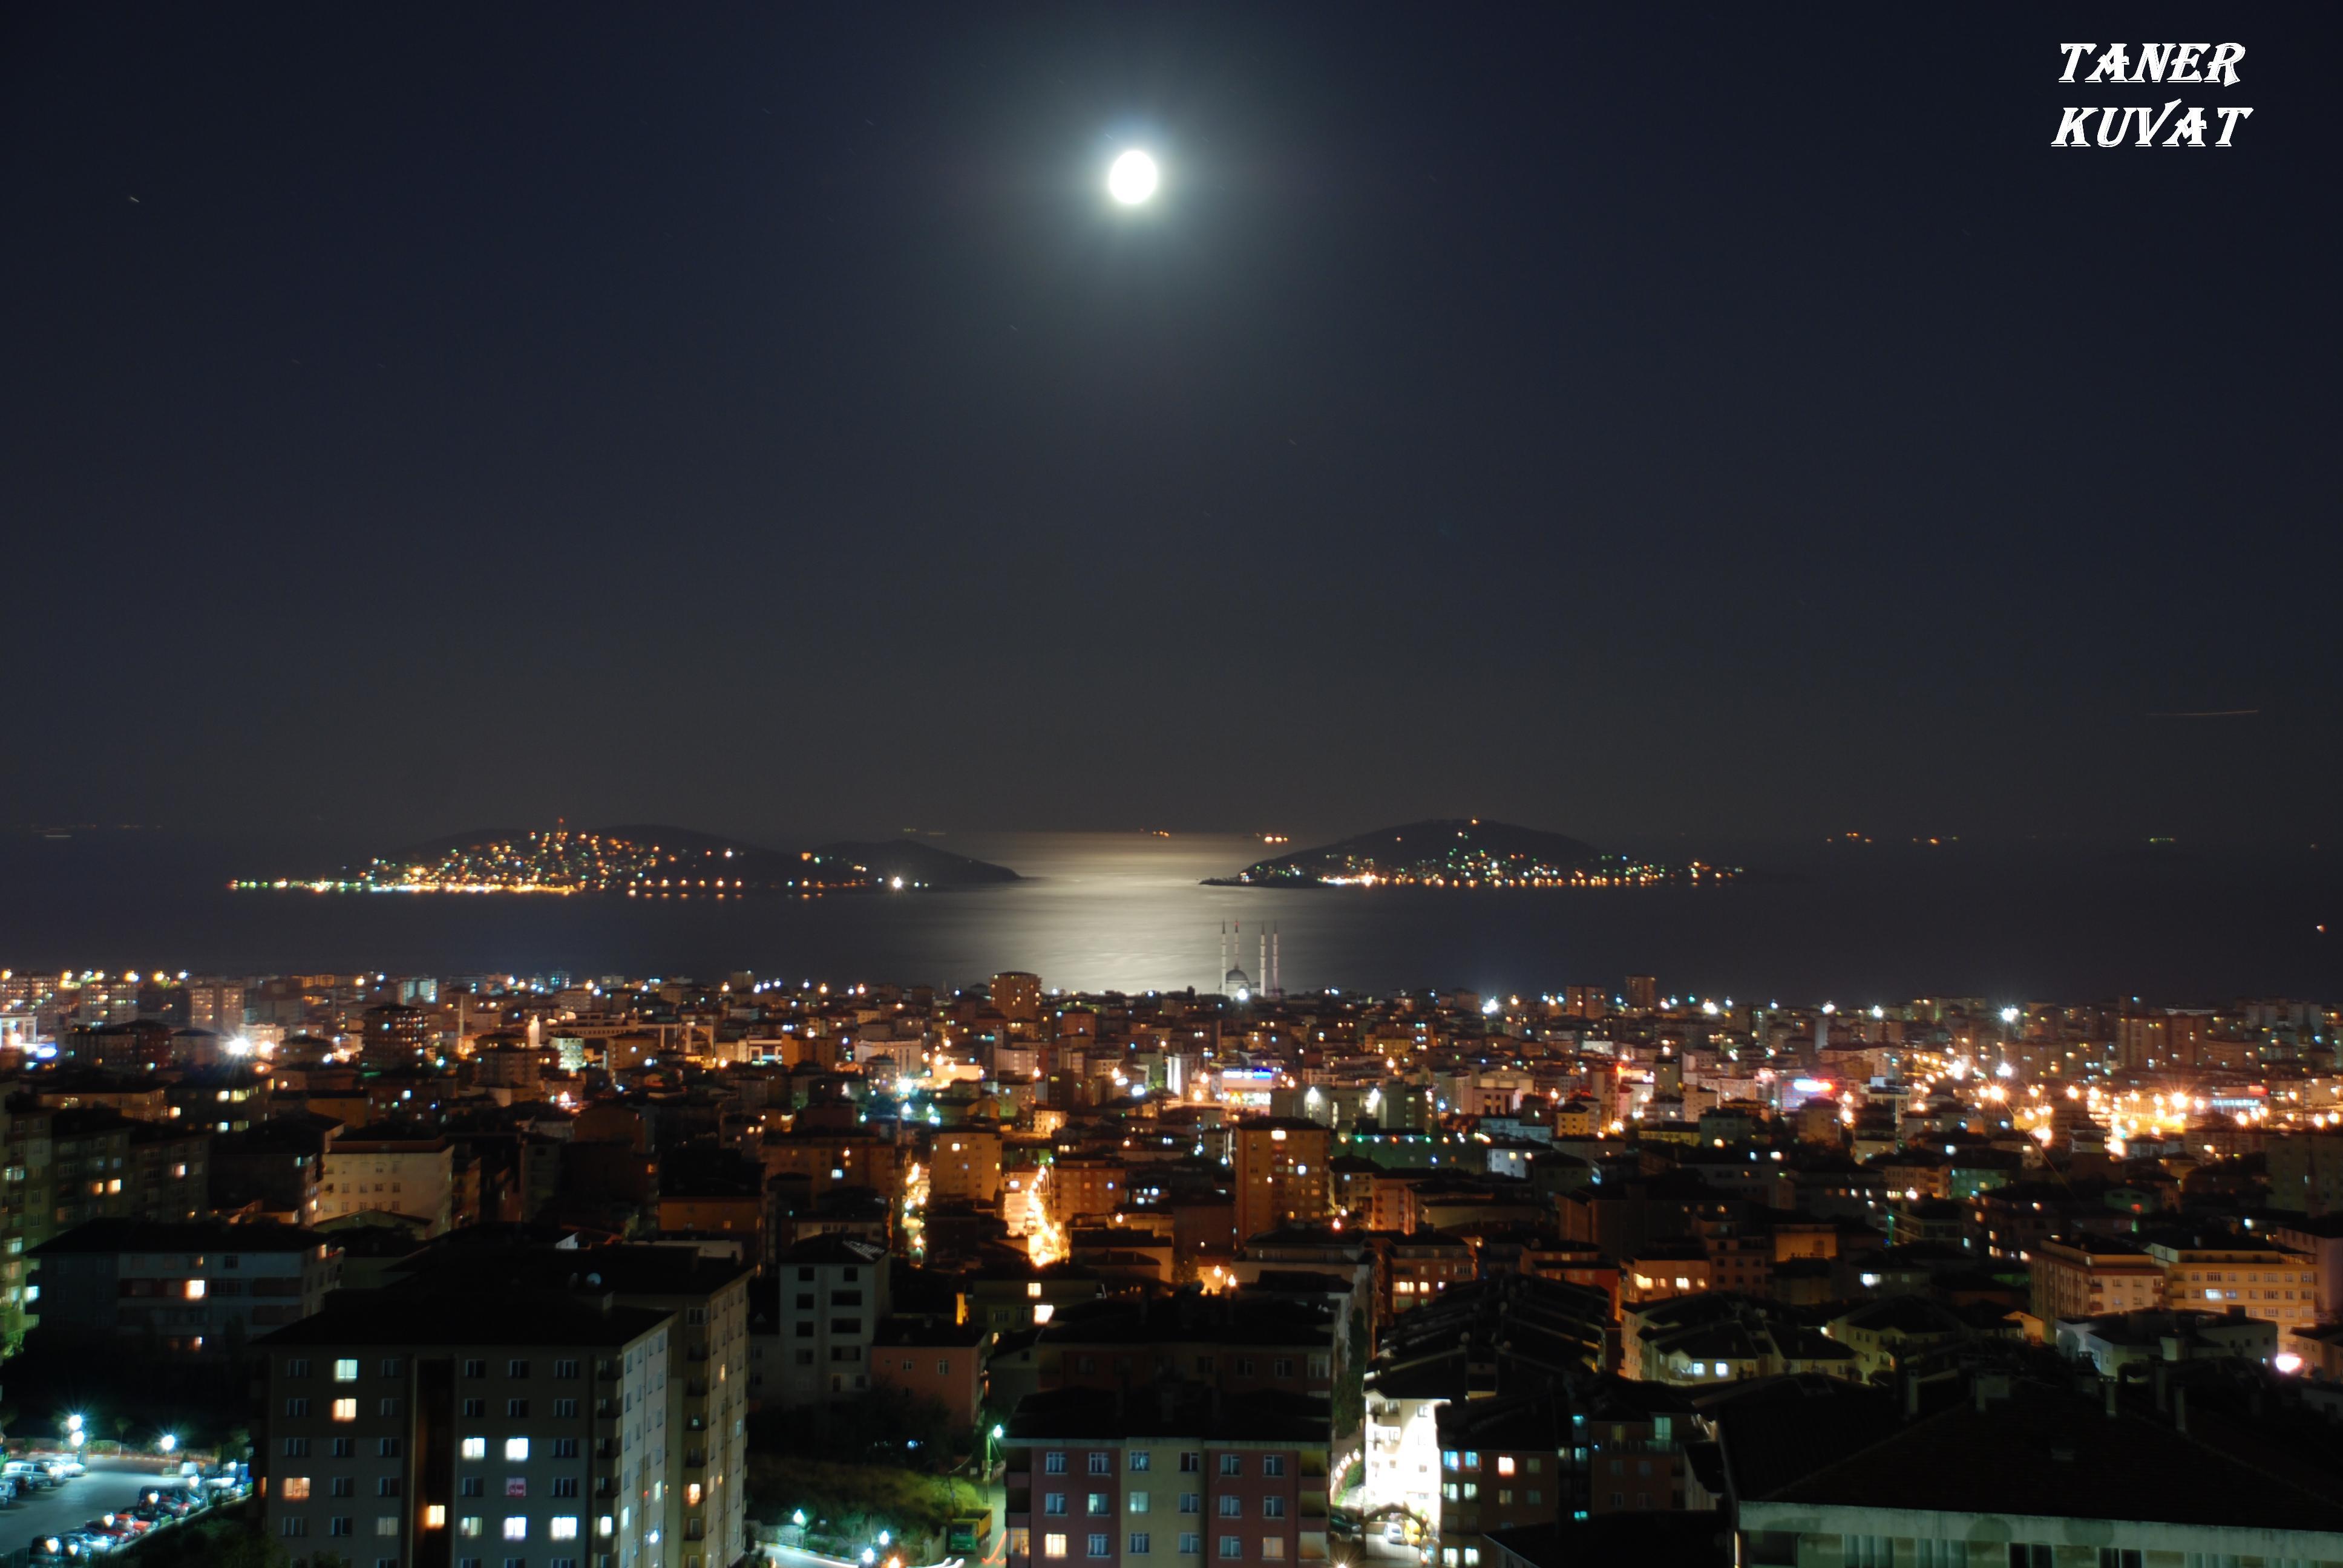 burgaz ve heybelide ay ışığı